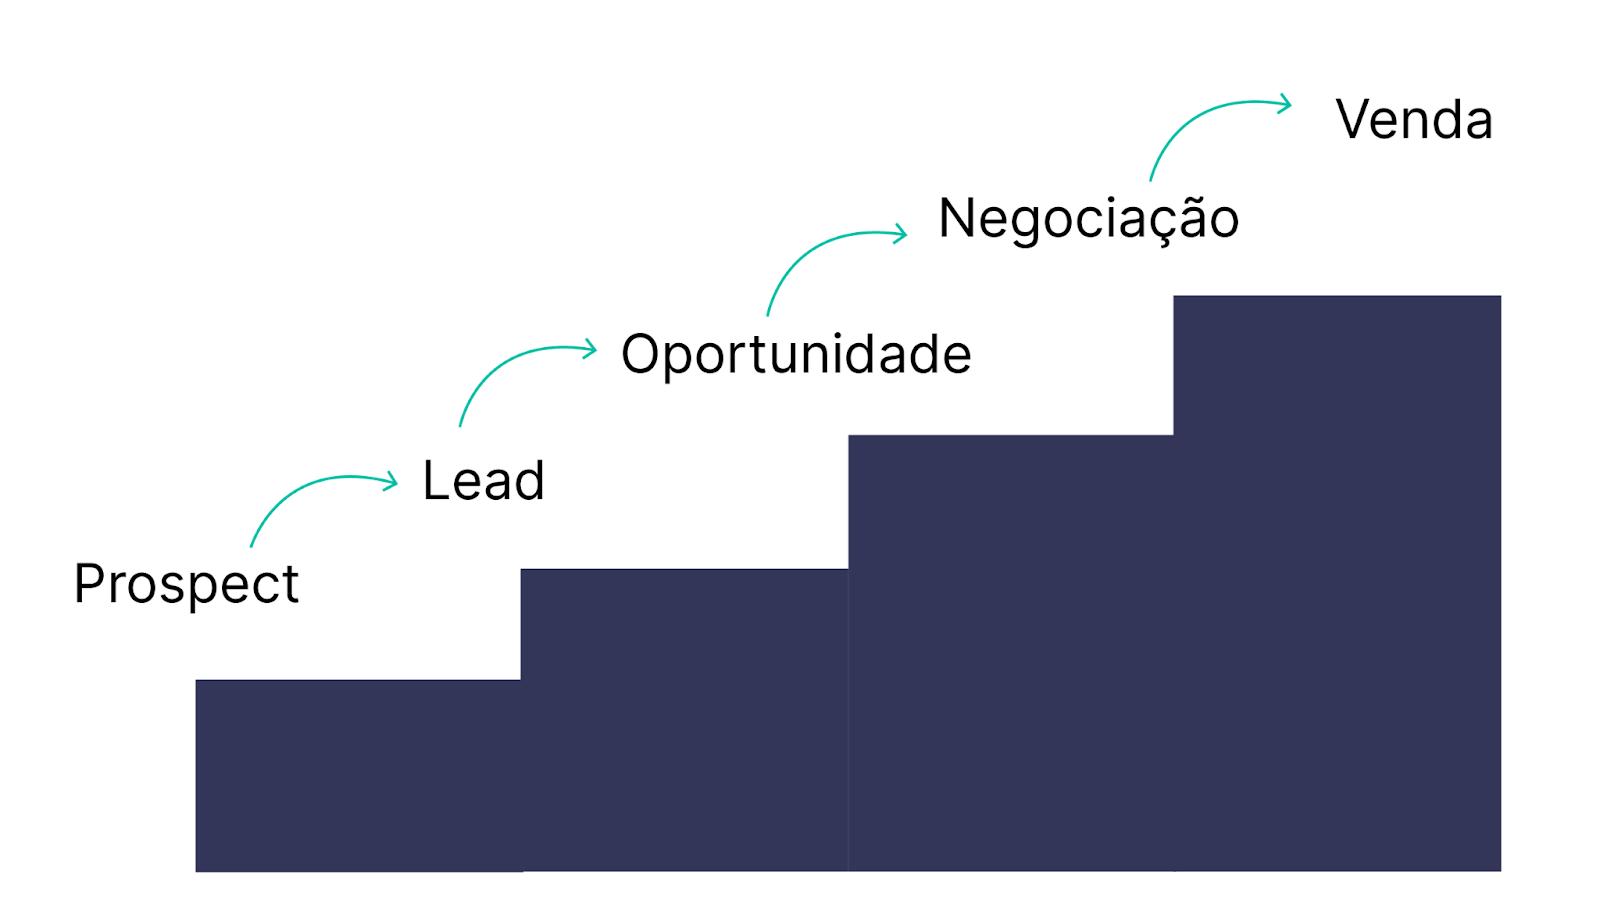 Cada etapa da conversão de potenciais clientes